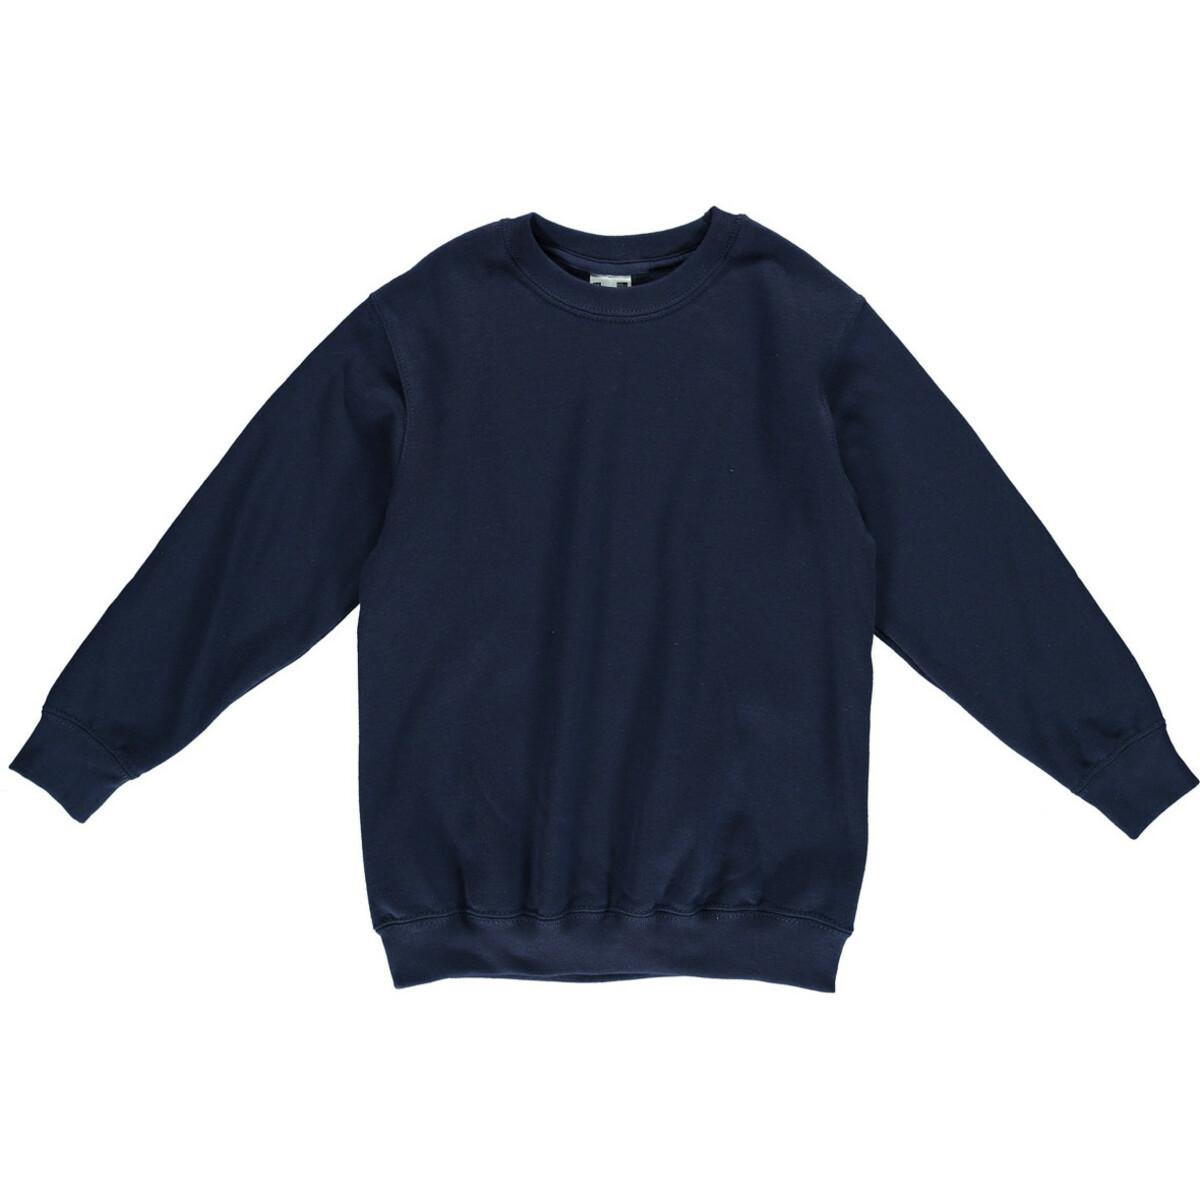 Bild 1 von Kinder Basic-Sweatshirt